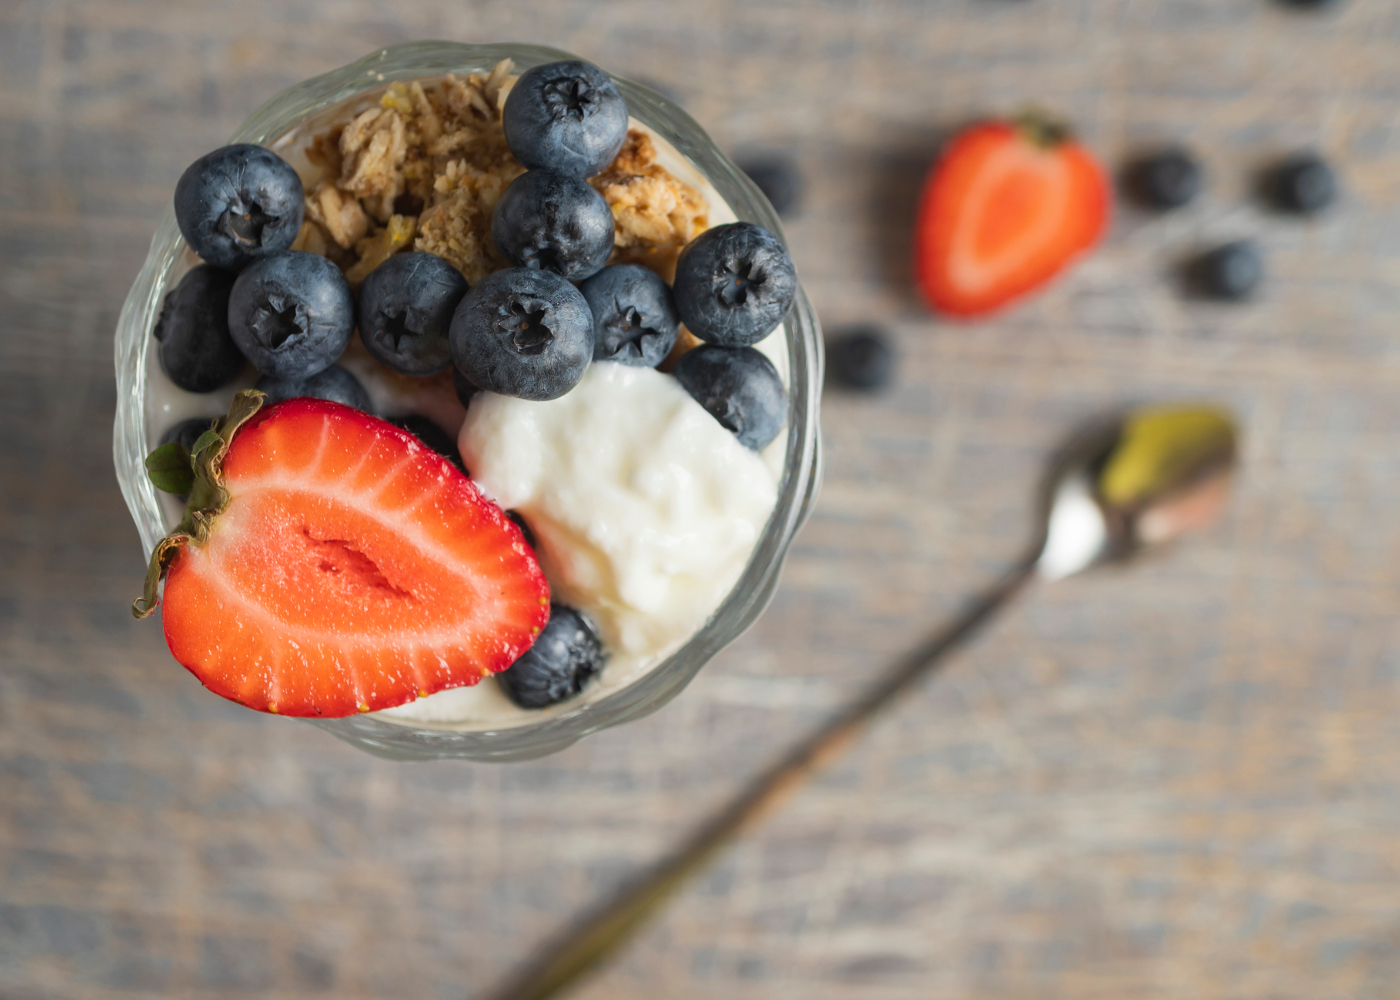 mousse de iogurte com mirtilos e morangos